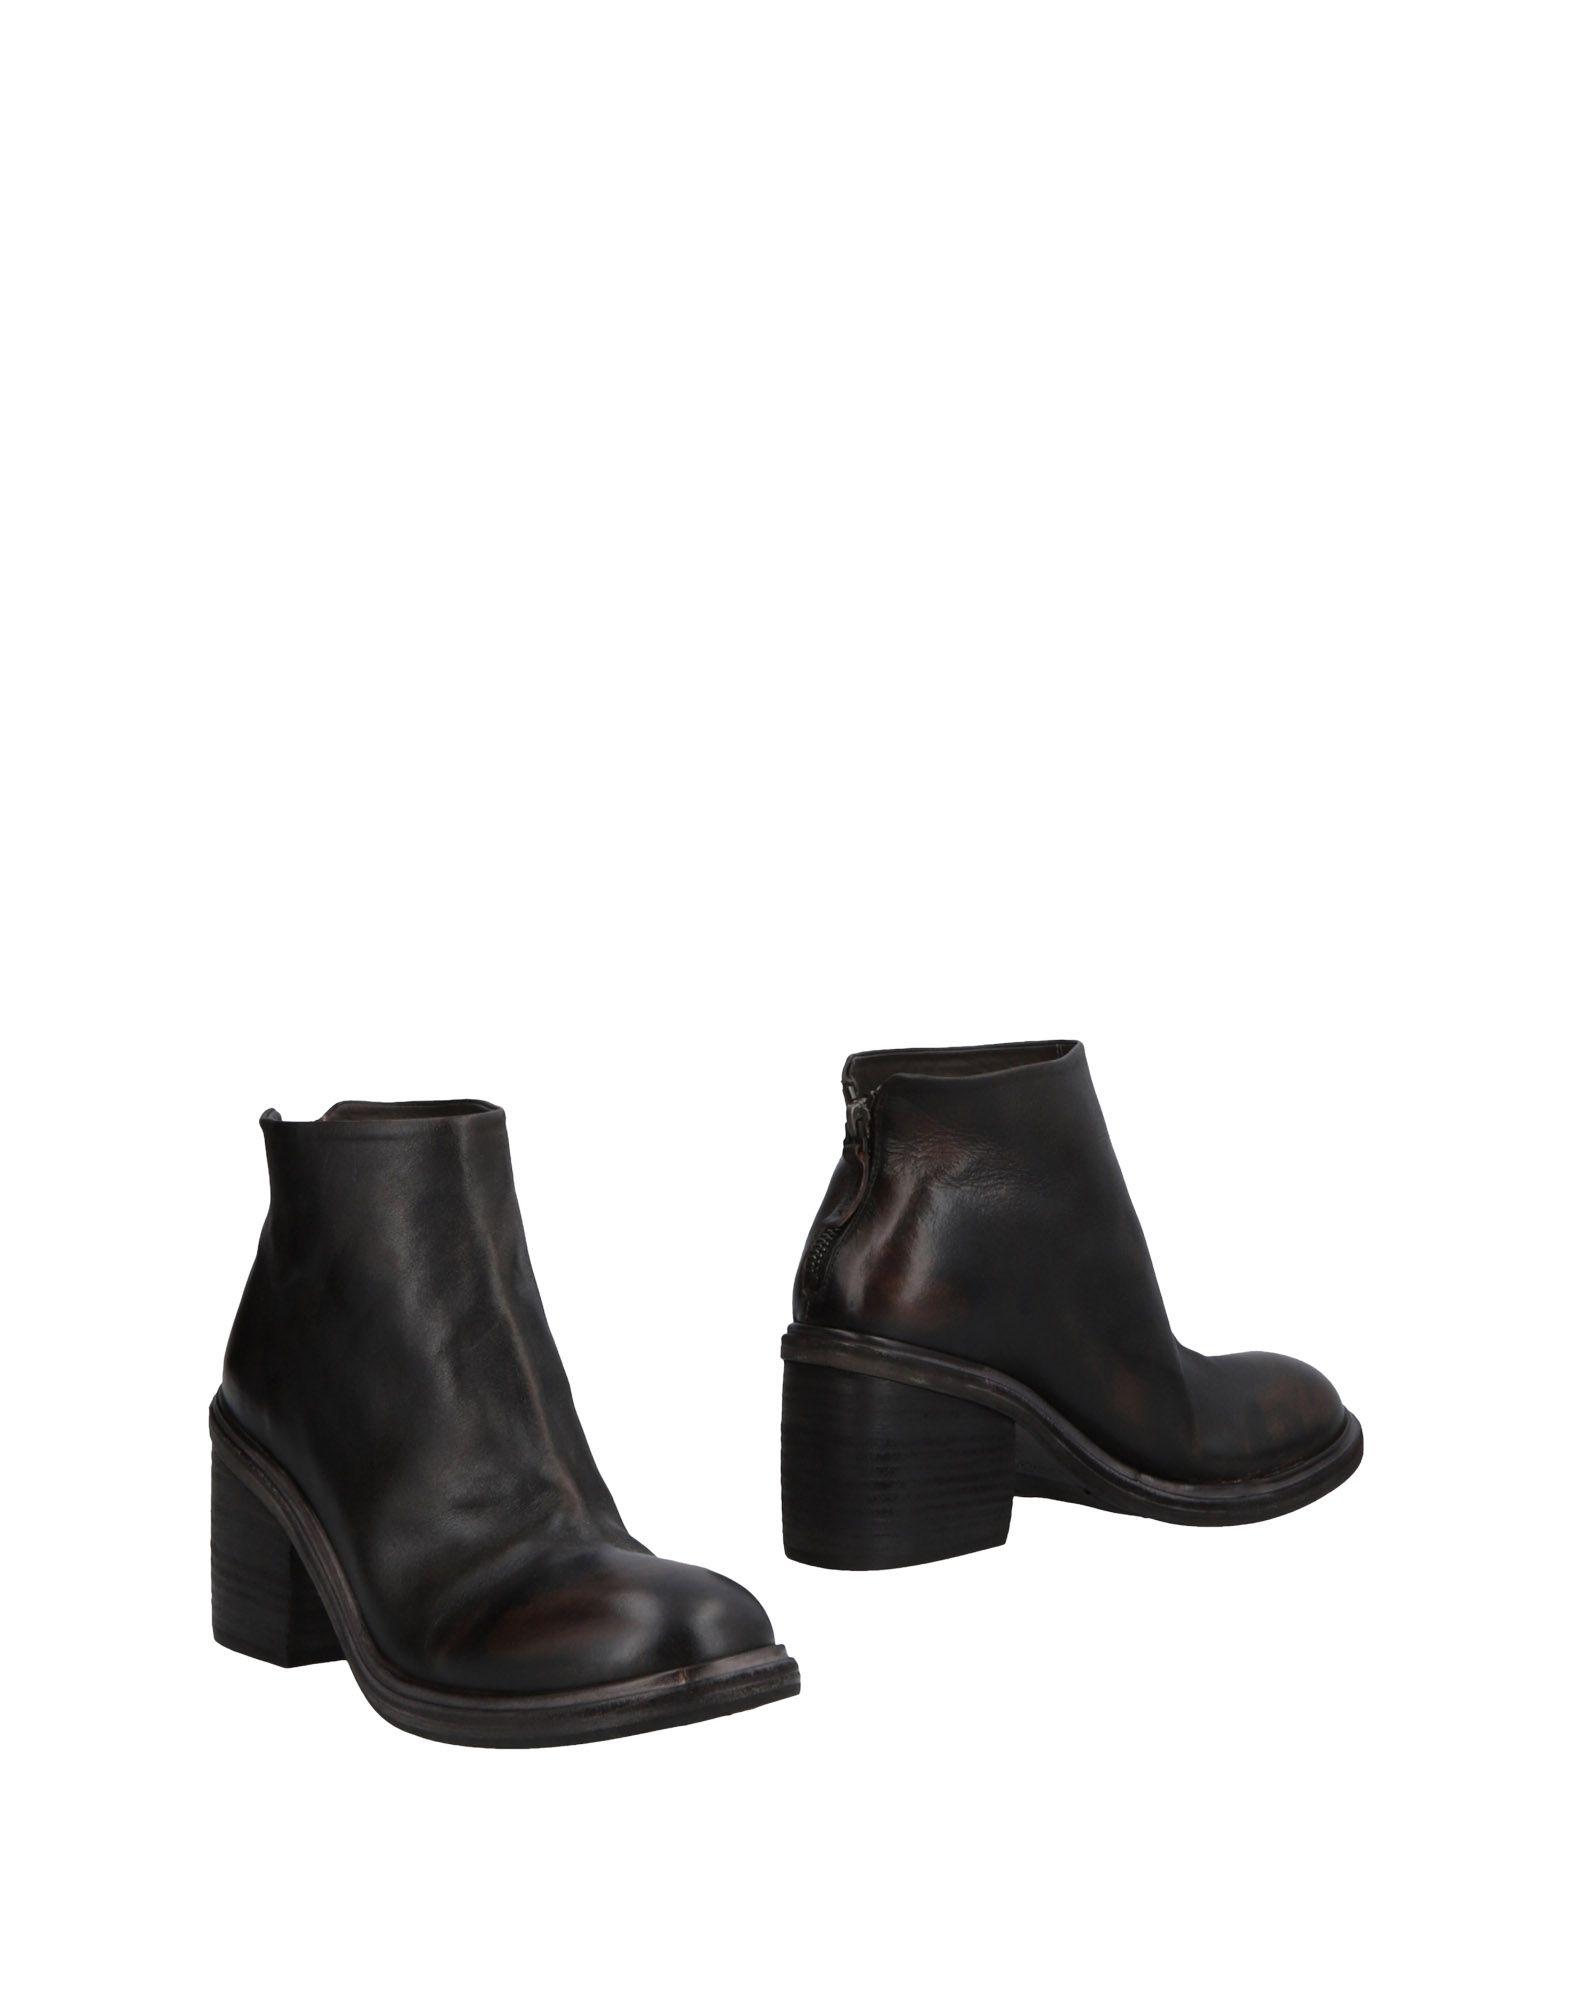 Marsèll Stiefelette Damen  11495799SFGünstige gut aussehende Schuhe